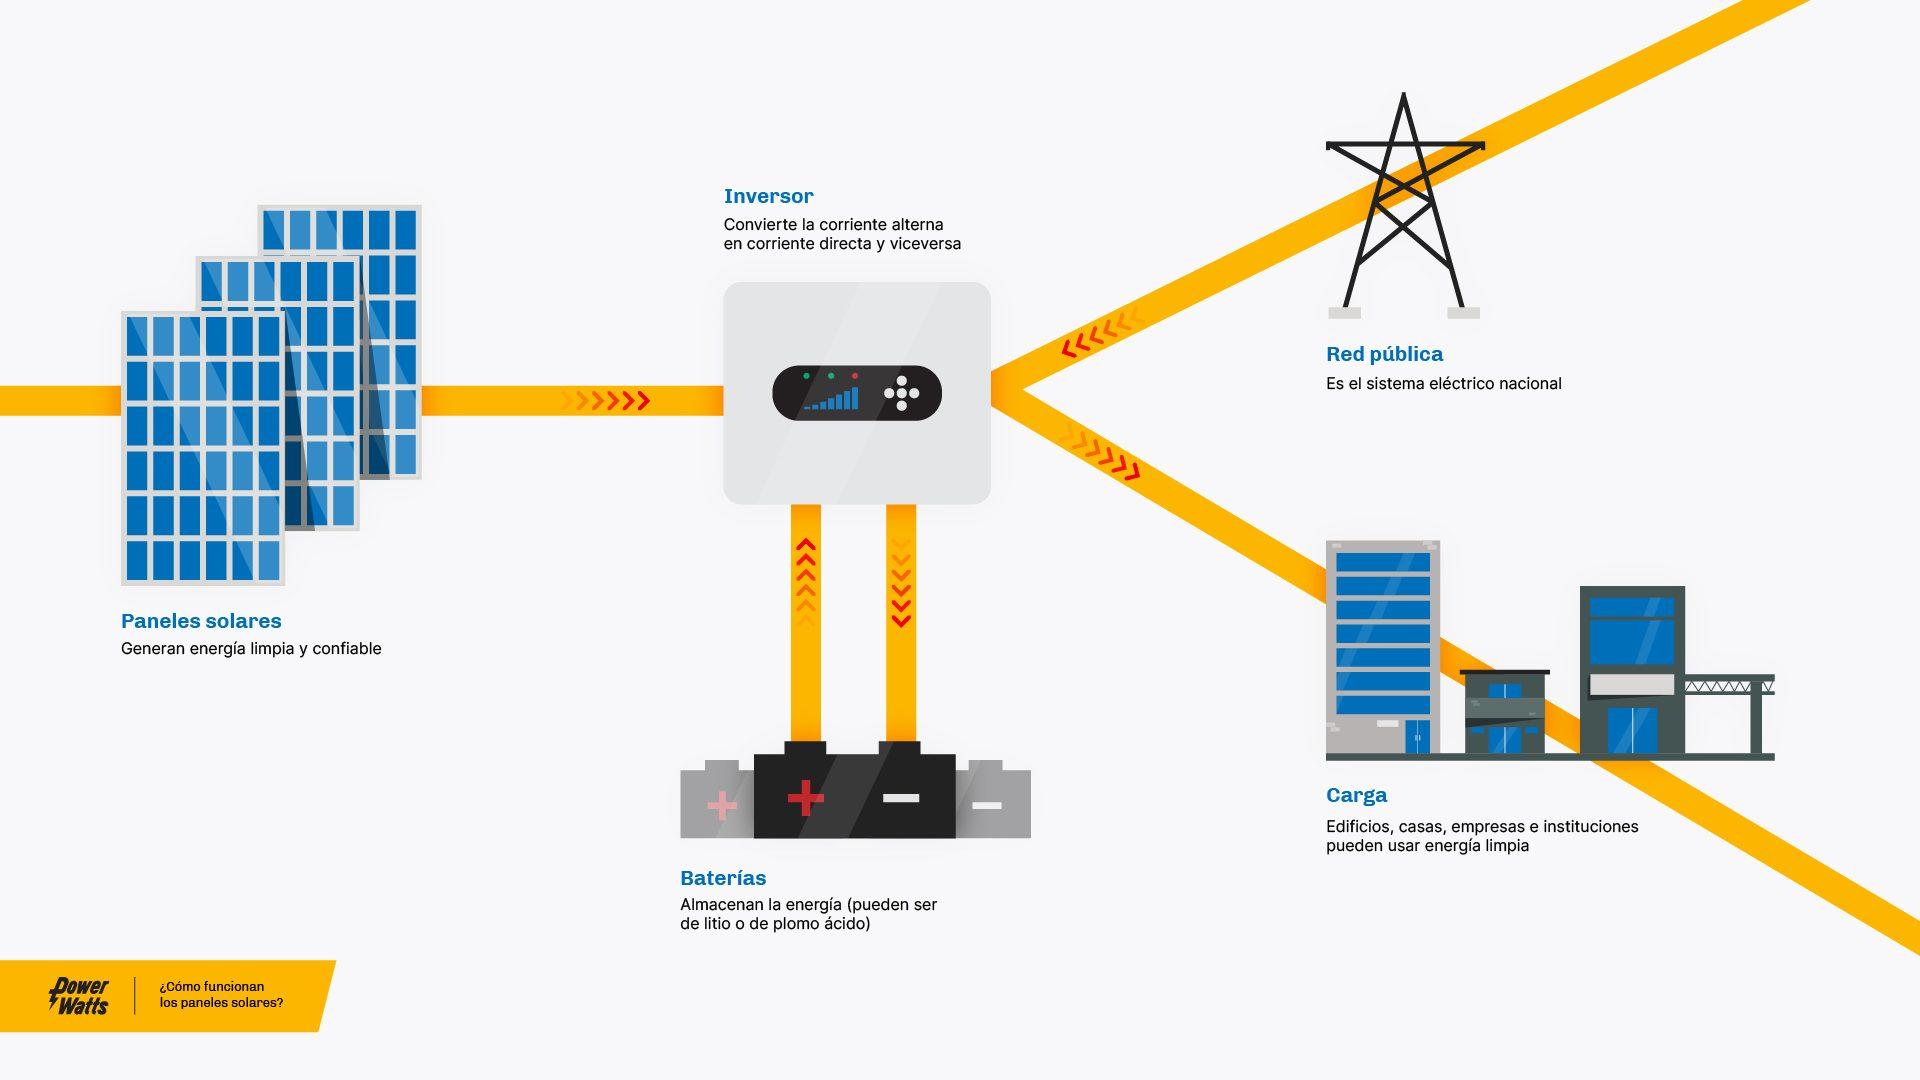 Cómo funciona - Power Watts